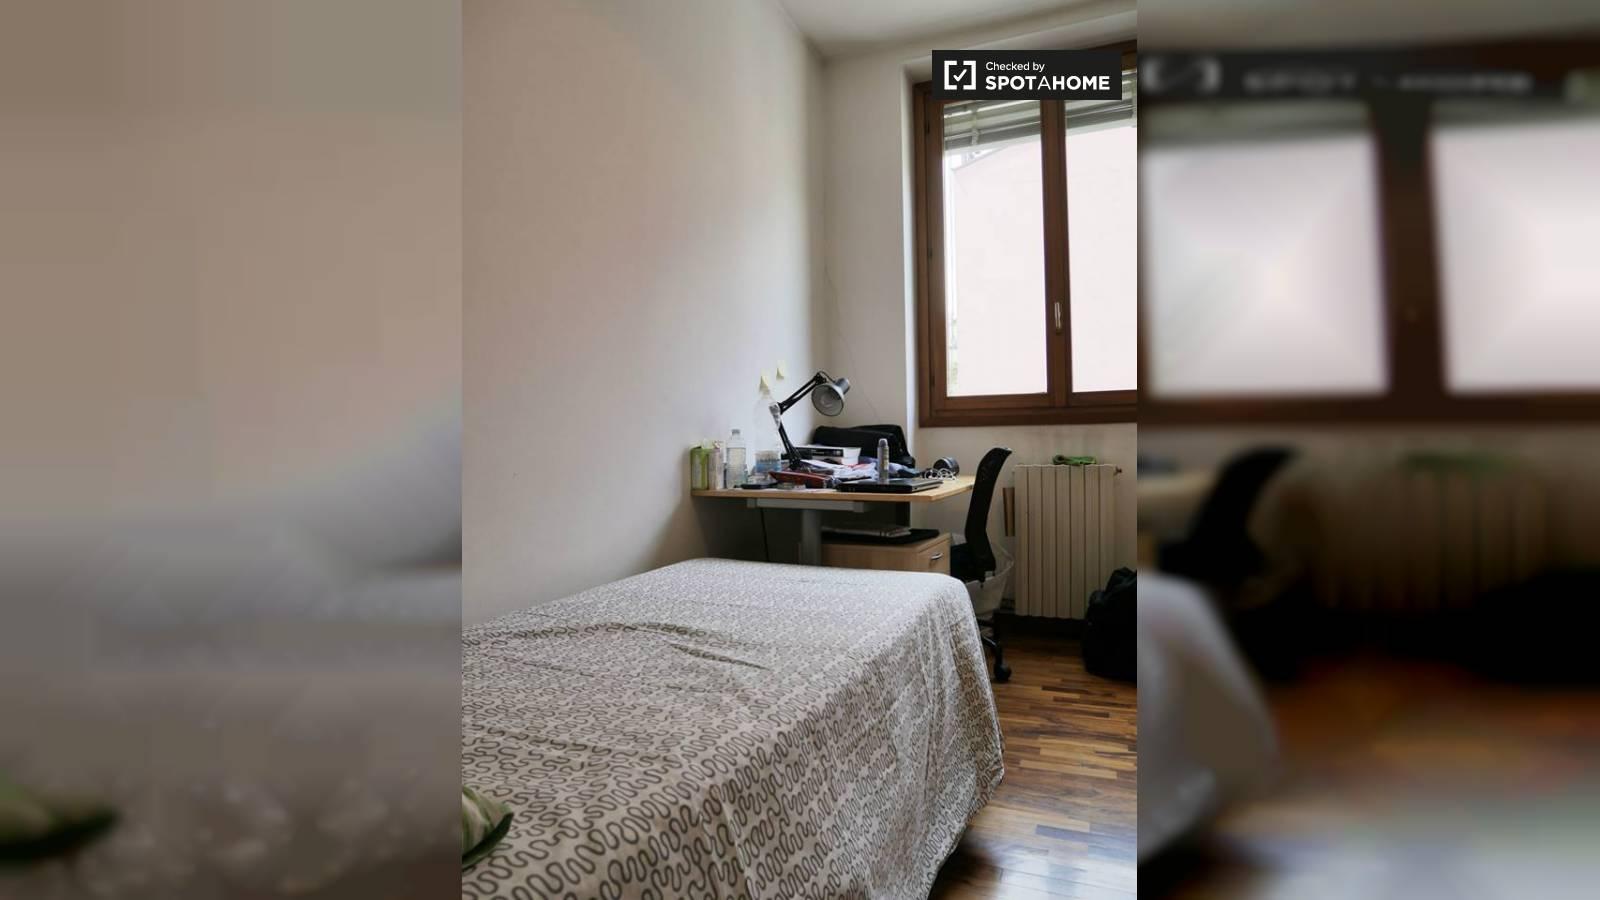 Bedroom 1 Bed 1